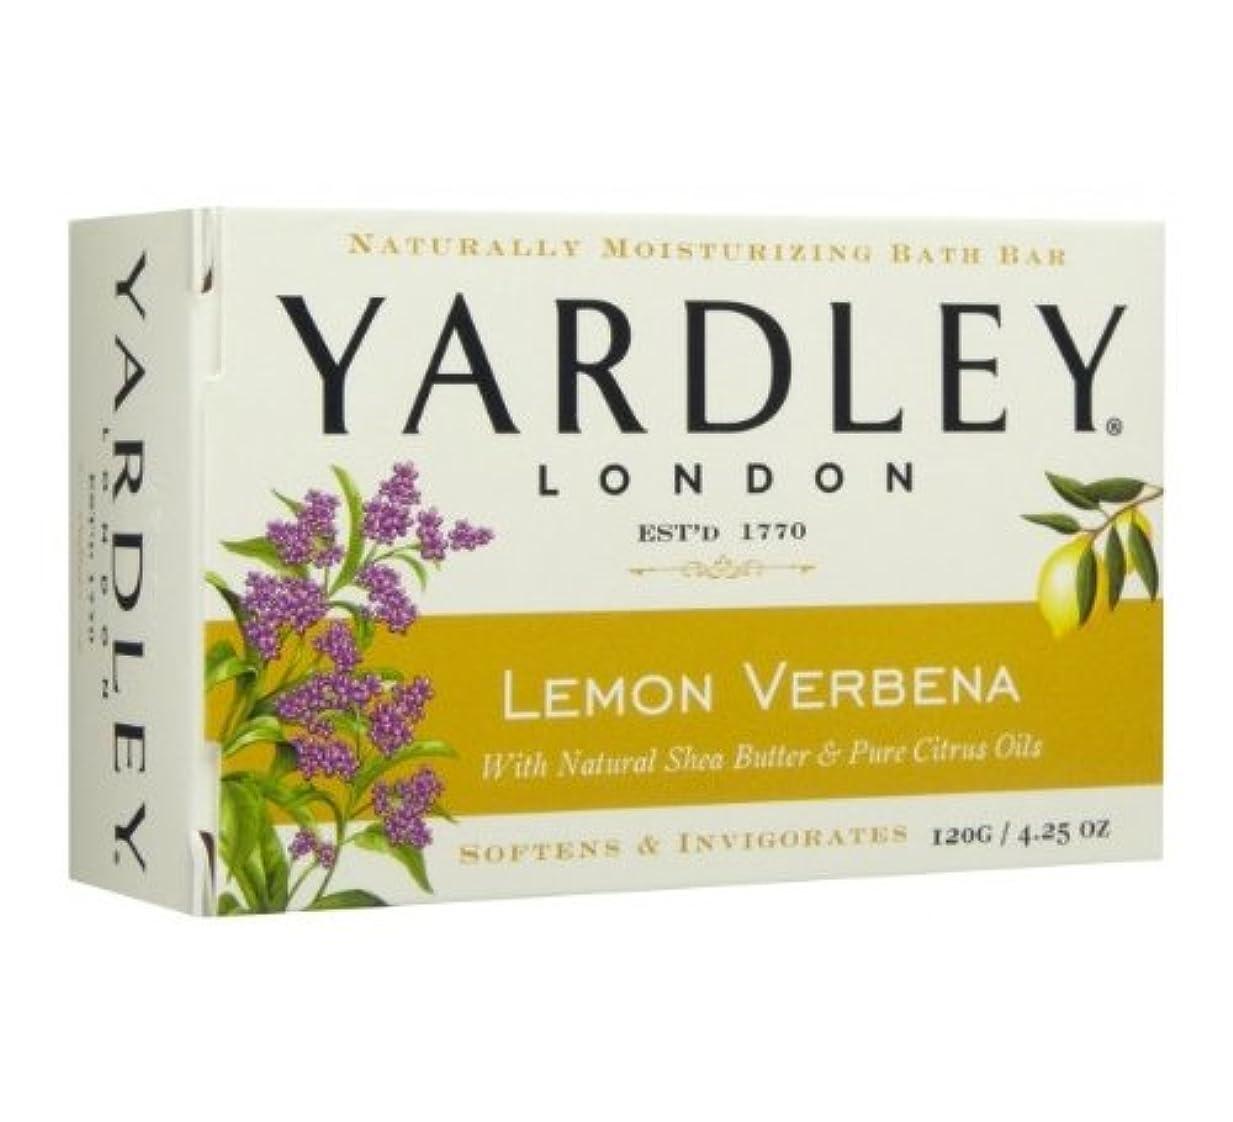 漏れ仕事に行くアーサー【2個 ハワイ直送品】Yardley London Lemon Verbena Moisturizing Bath Bar ヤードリー レモンバーベナ ソープ 120g